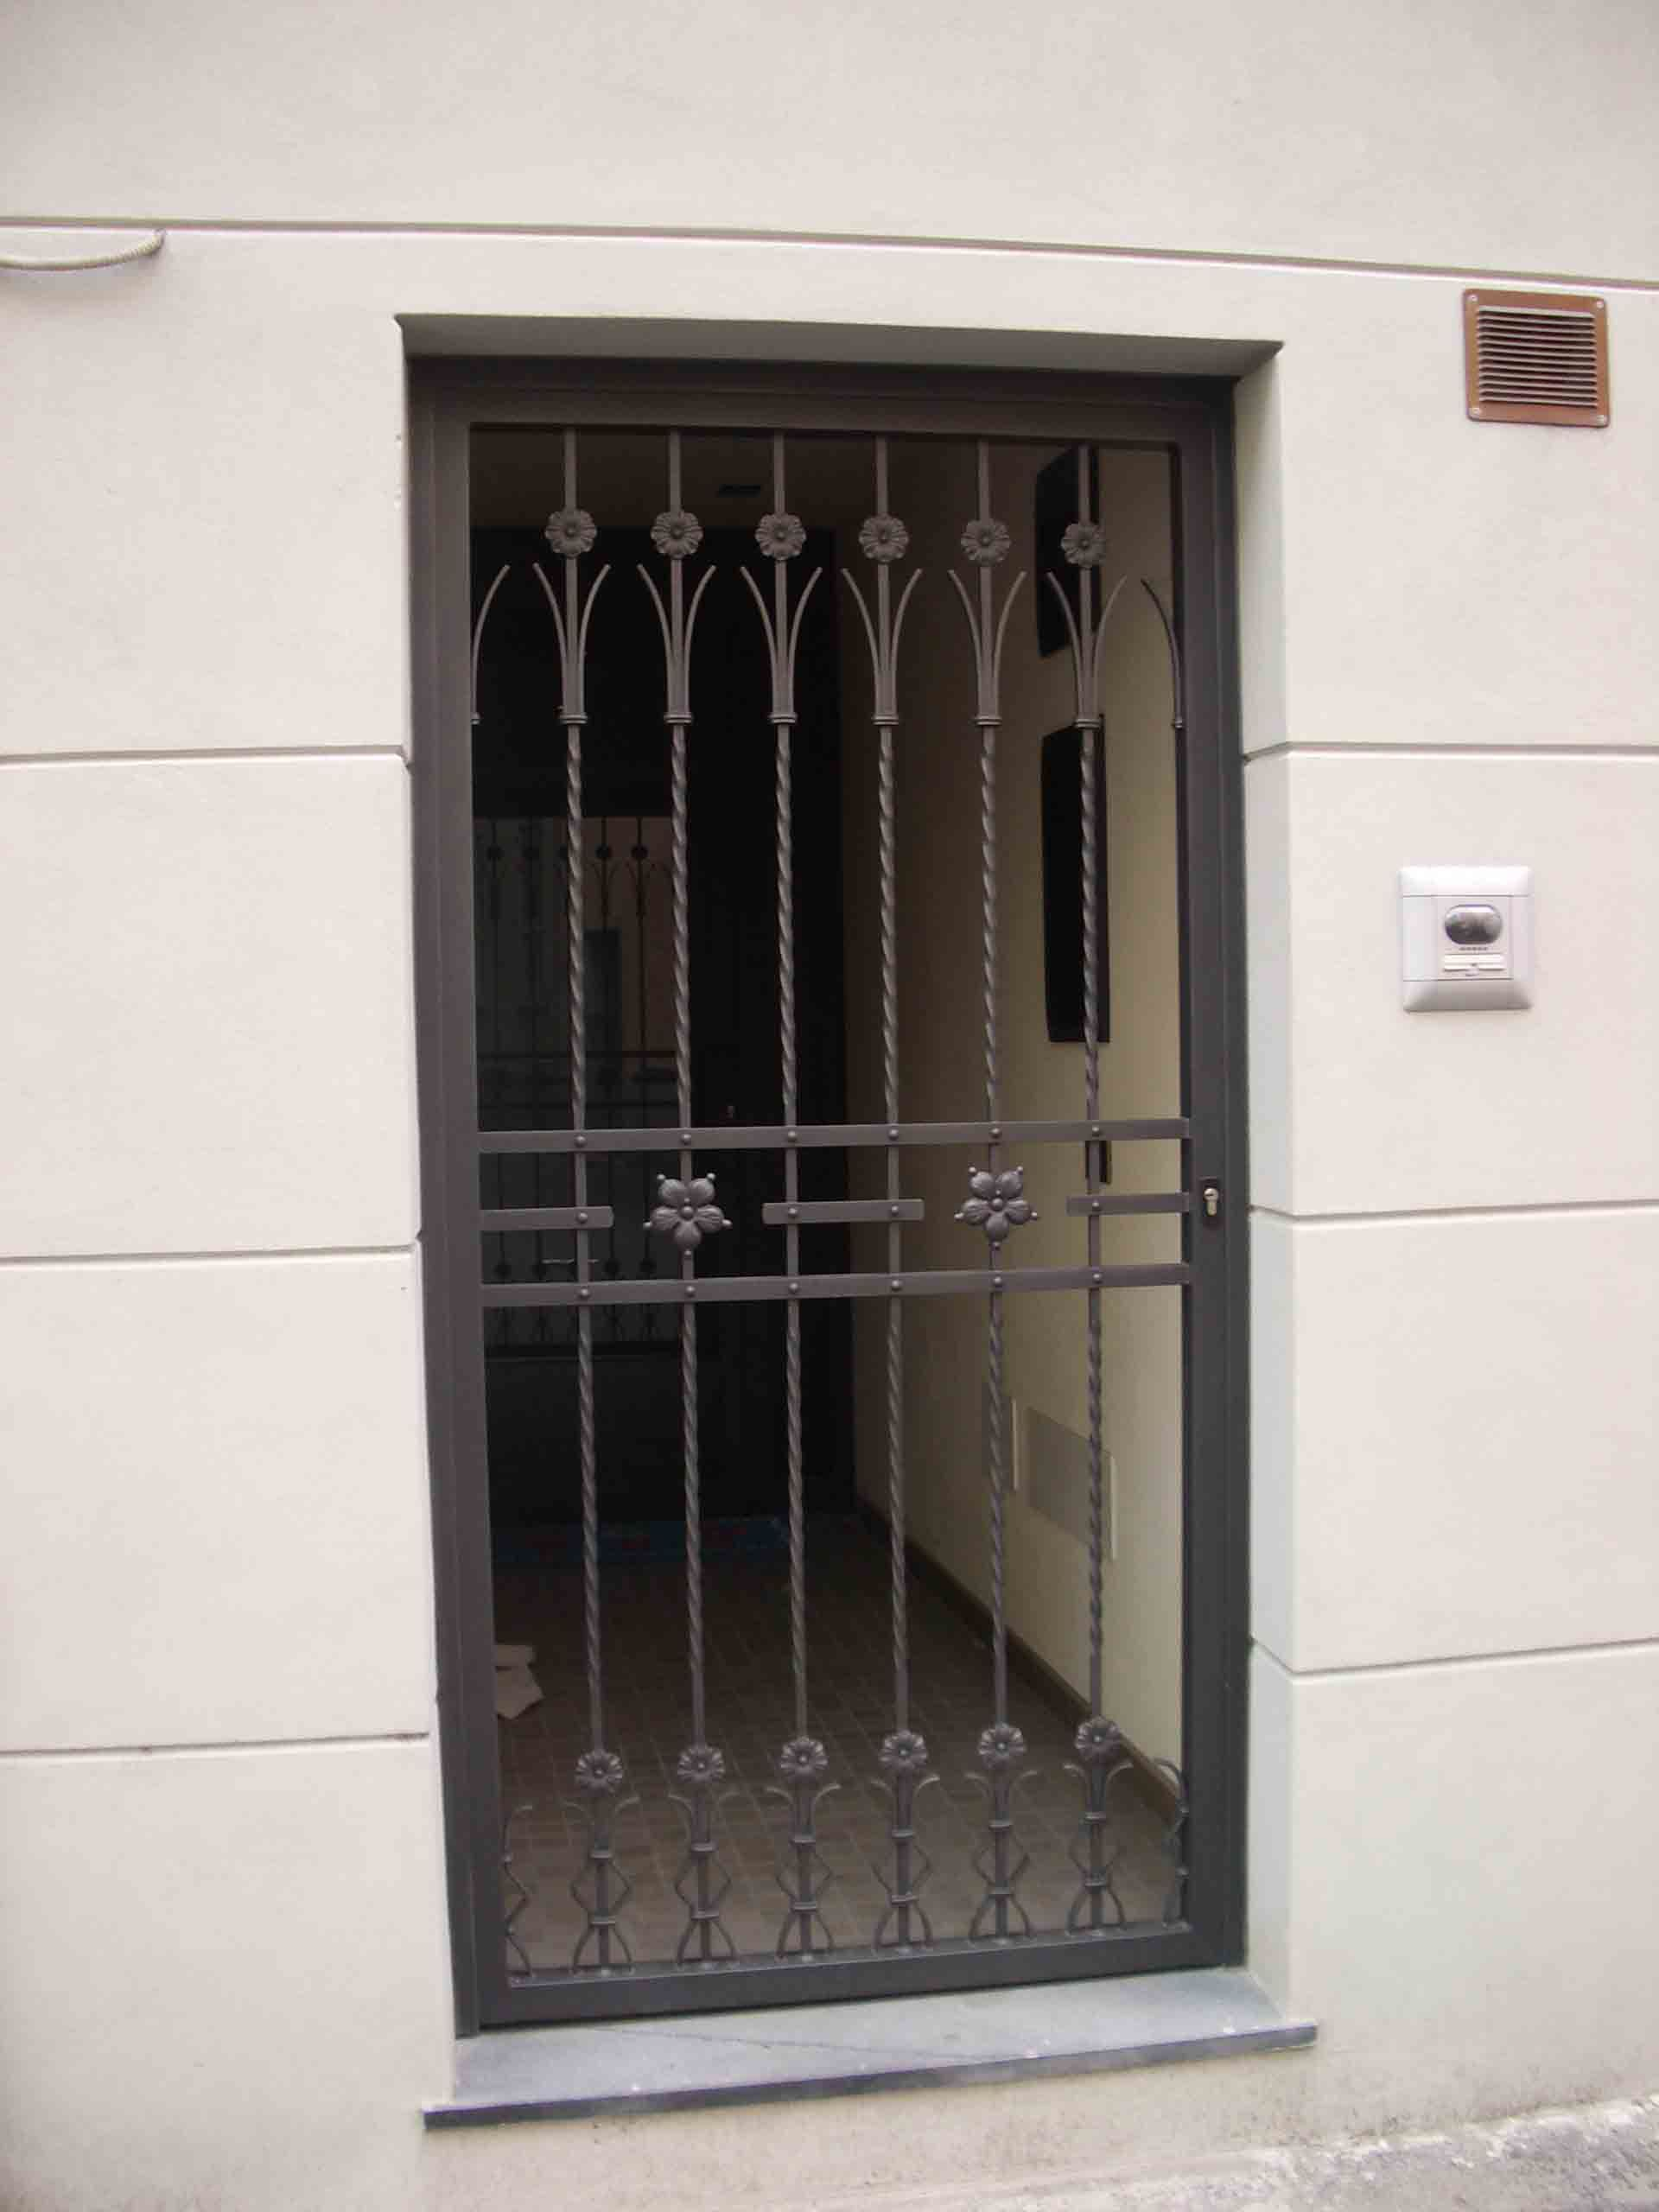 Immagine correlata porta finestre pinterest - Porte di ferro per esterni ...